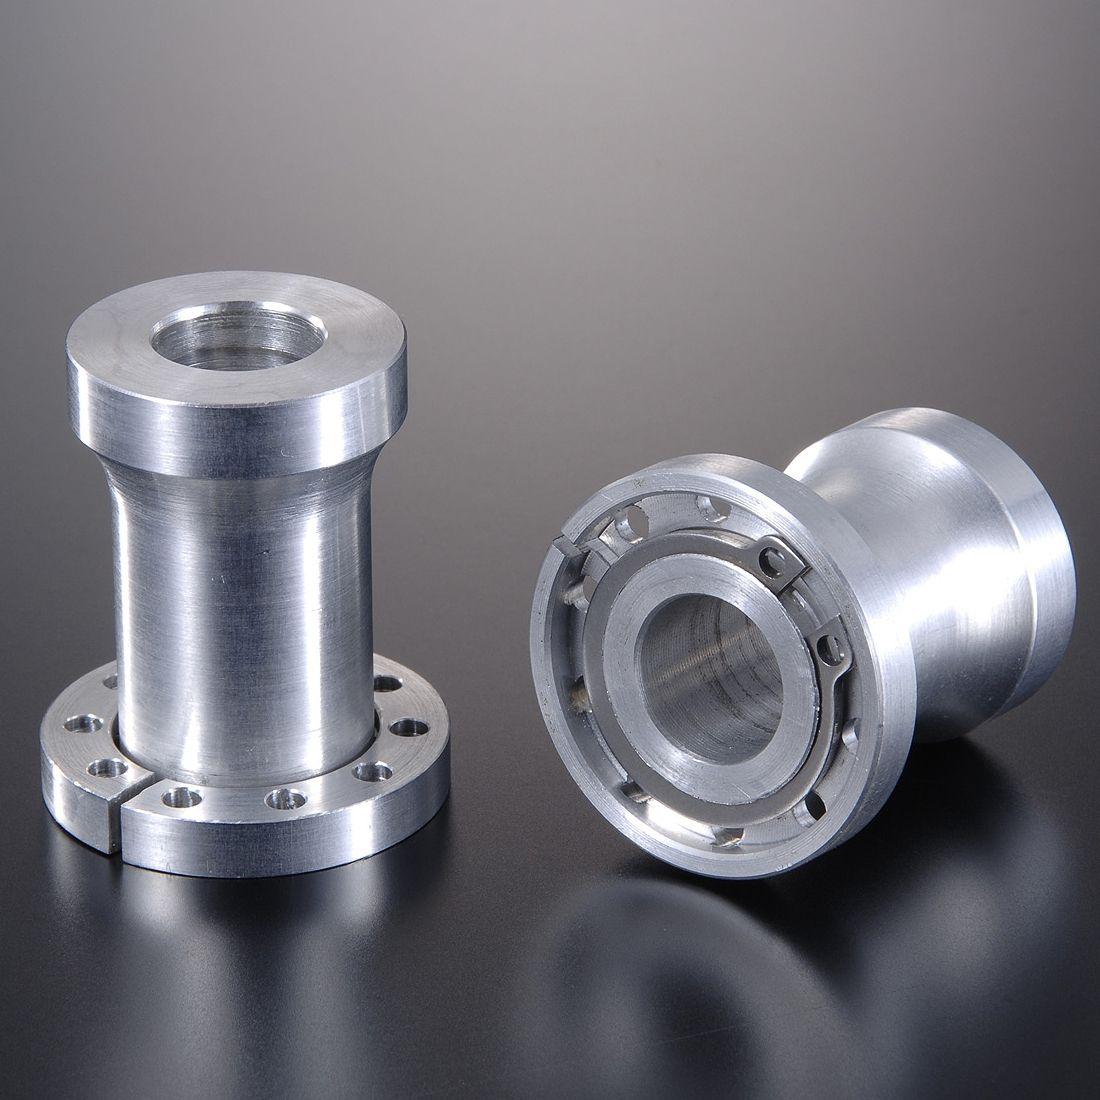 NSR輪框用 輪軸襯套 (耐久型式 前輪框 3、6輻輪框用)